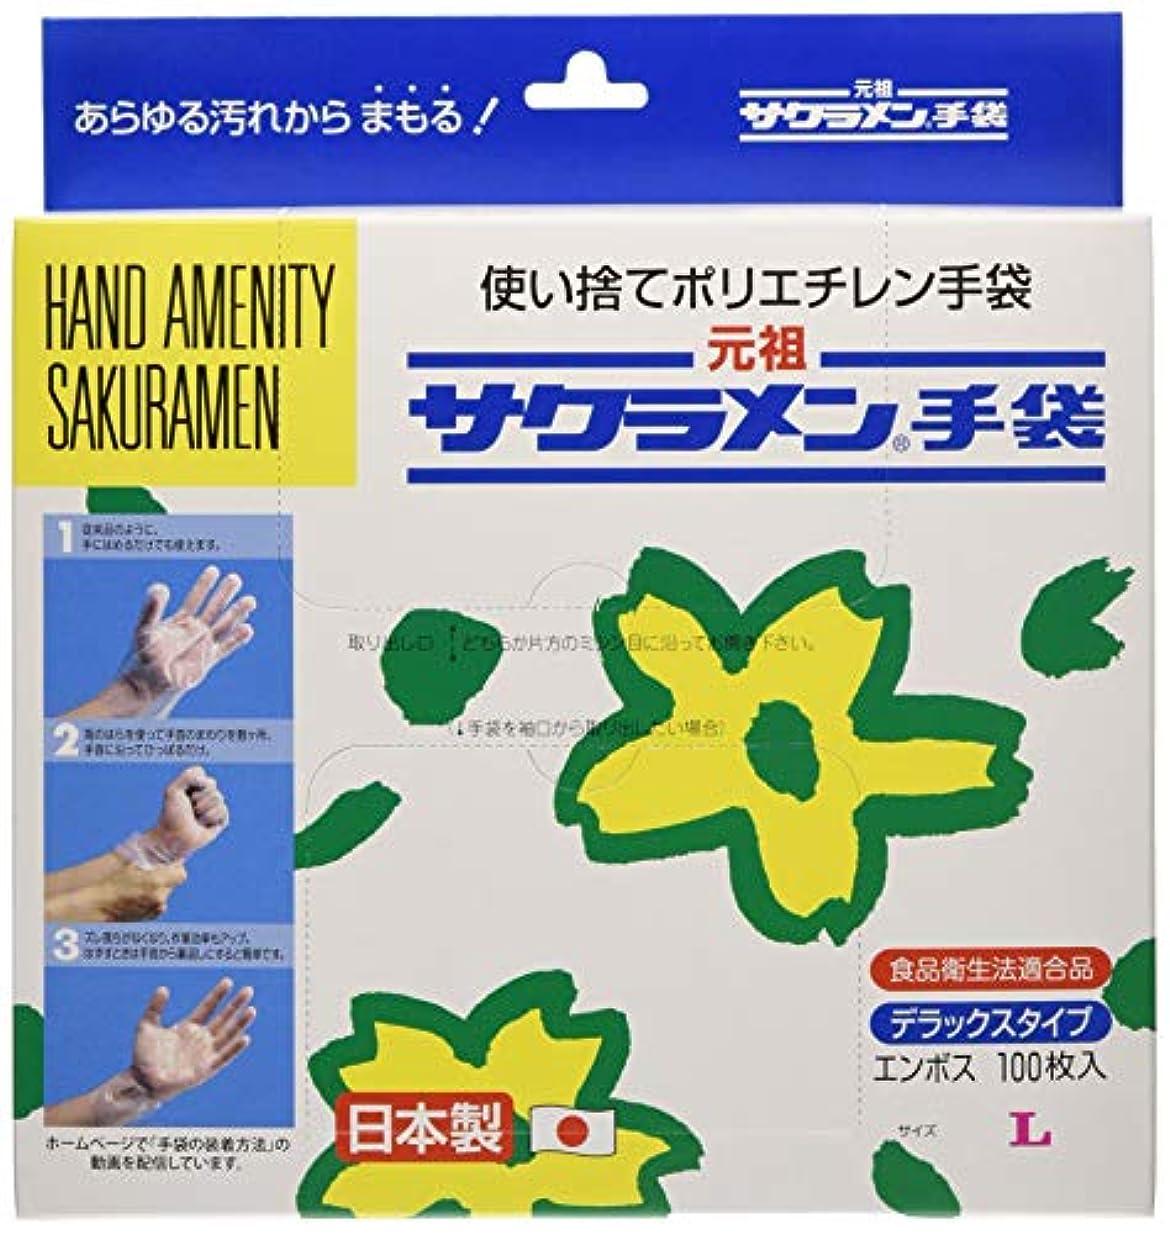 完全に乾く私たち中間サクラメン手袋 デラックス(100枚入)L ピンク 35μ